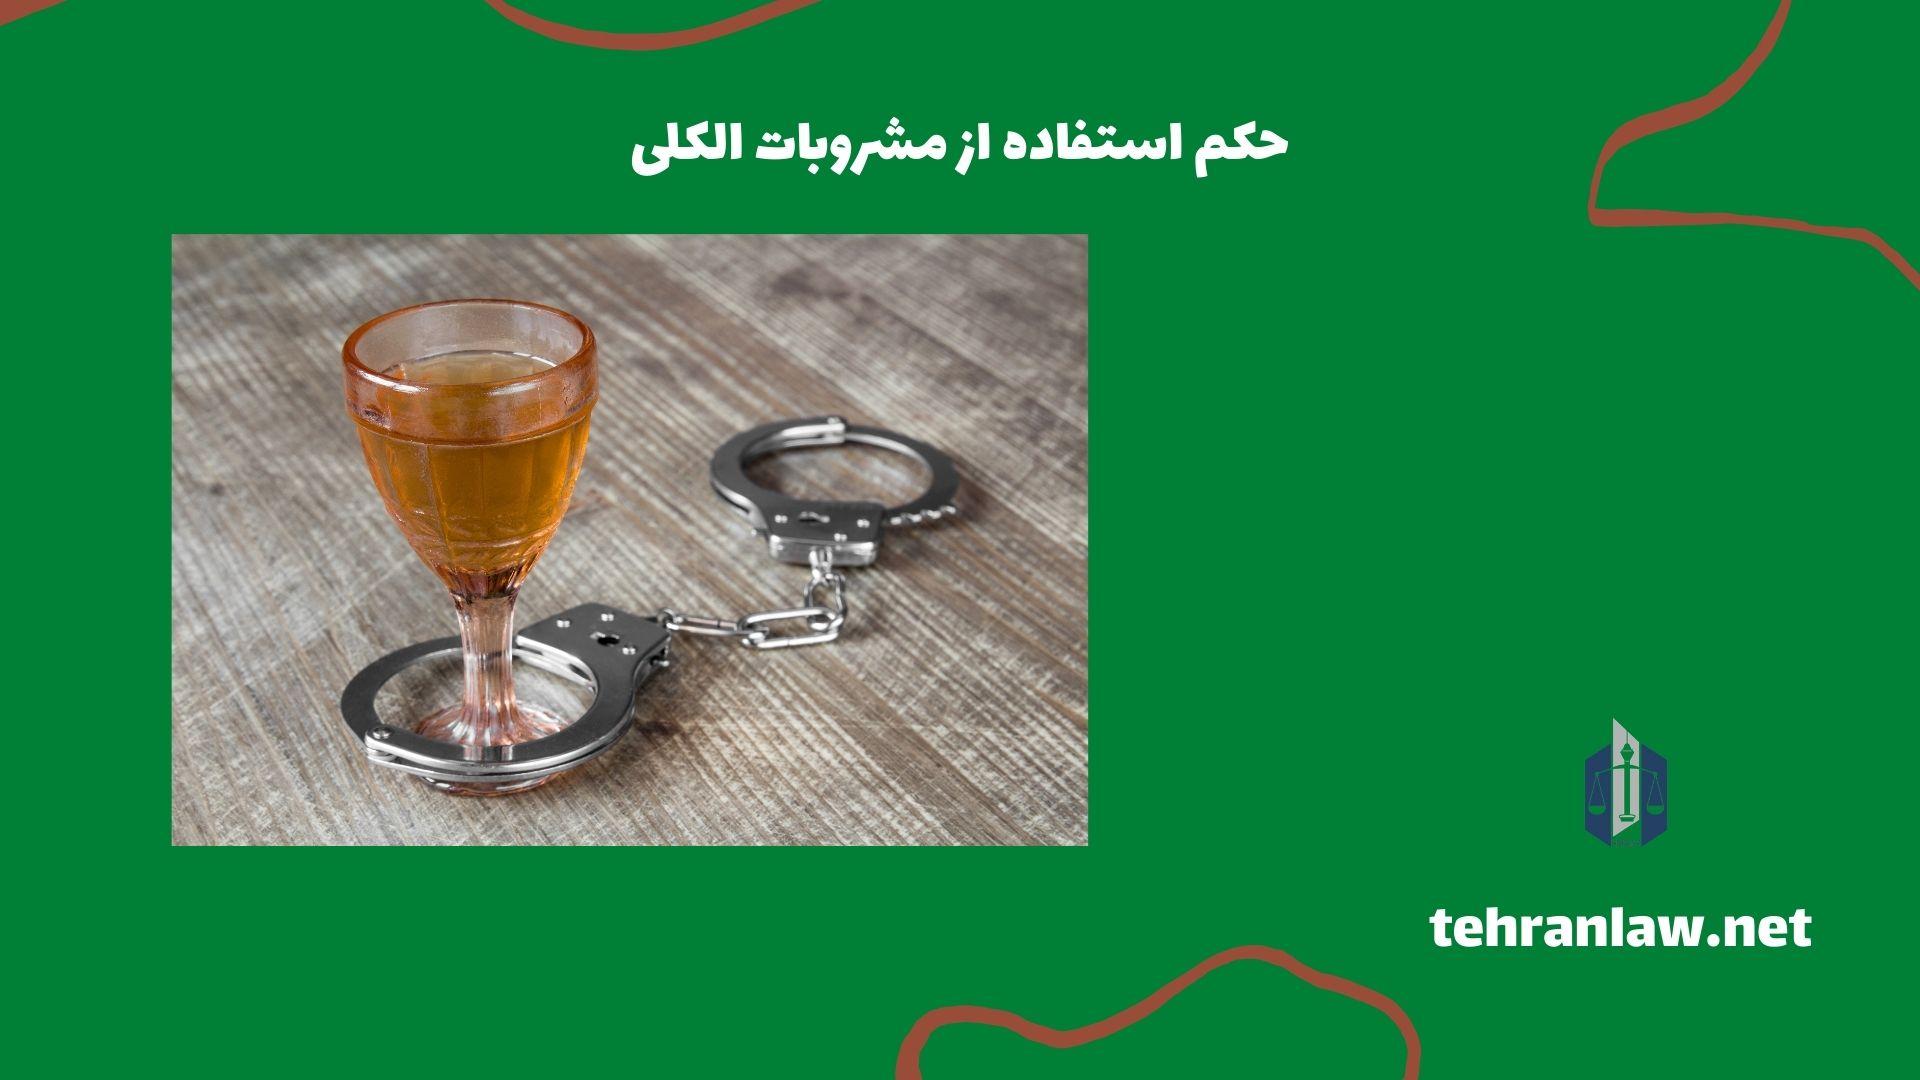 حکم استفاده از مشروبات الکلی